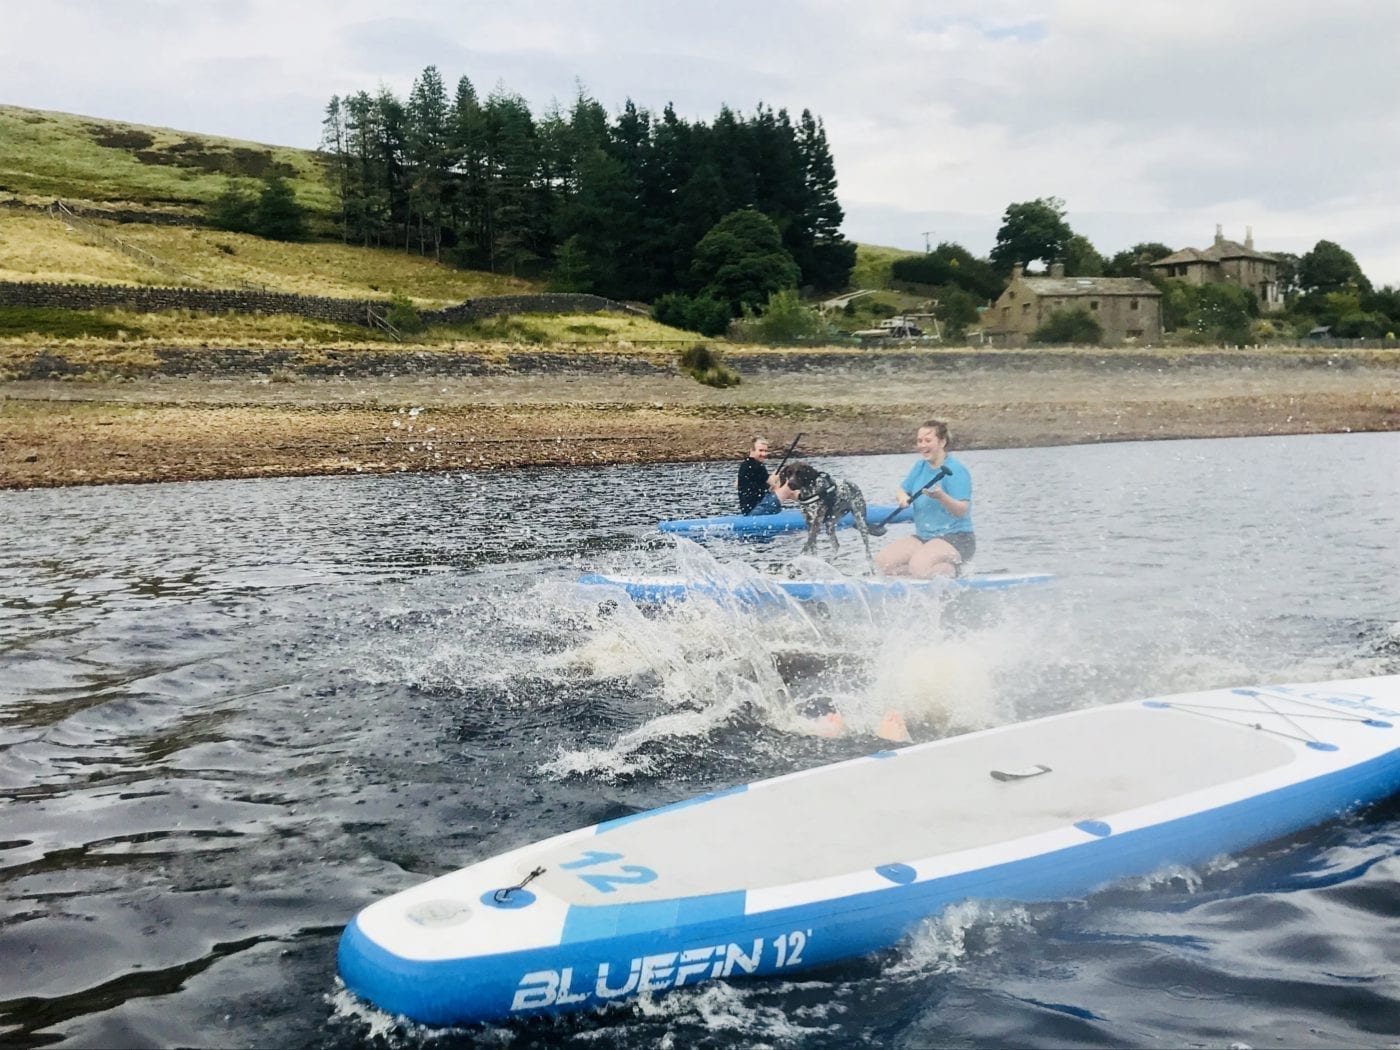 Bluefin Tom goes Splash on Cruise SUP